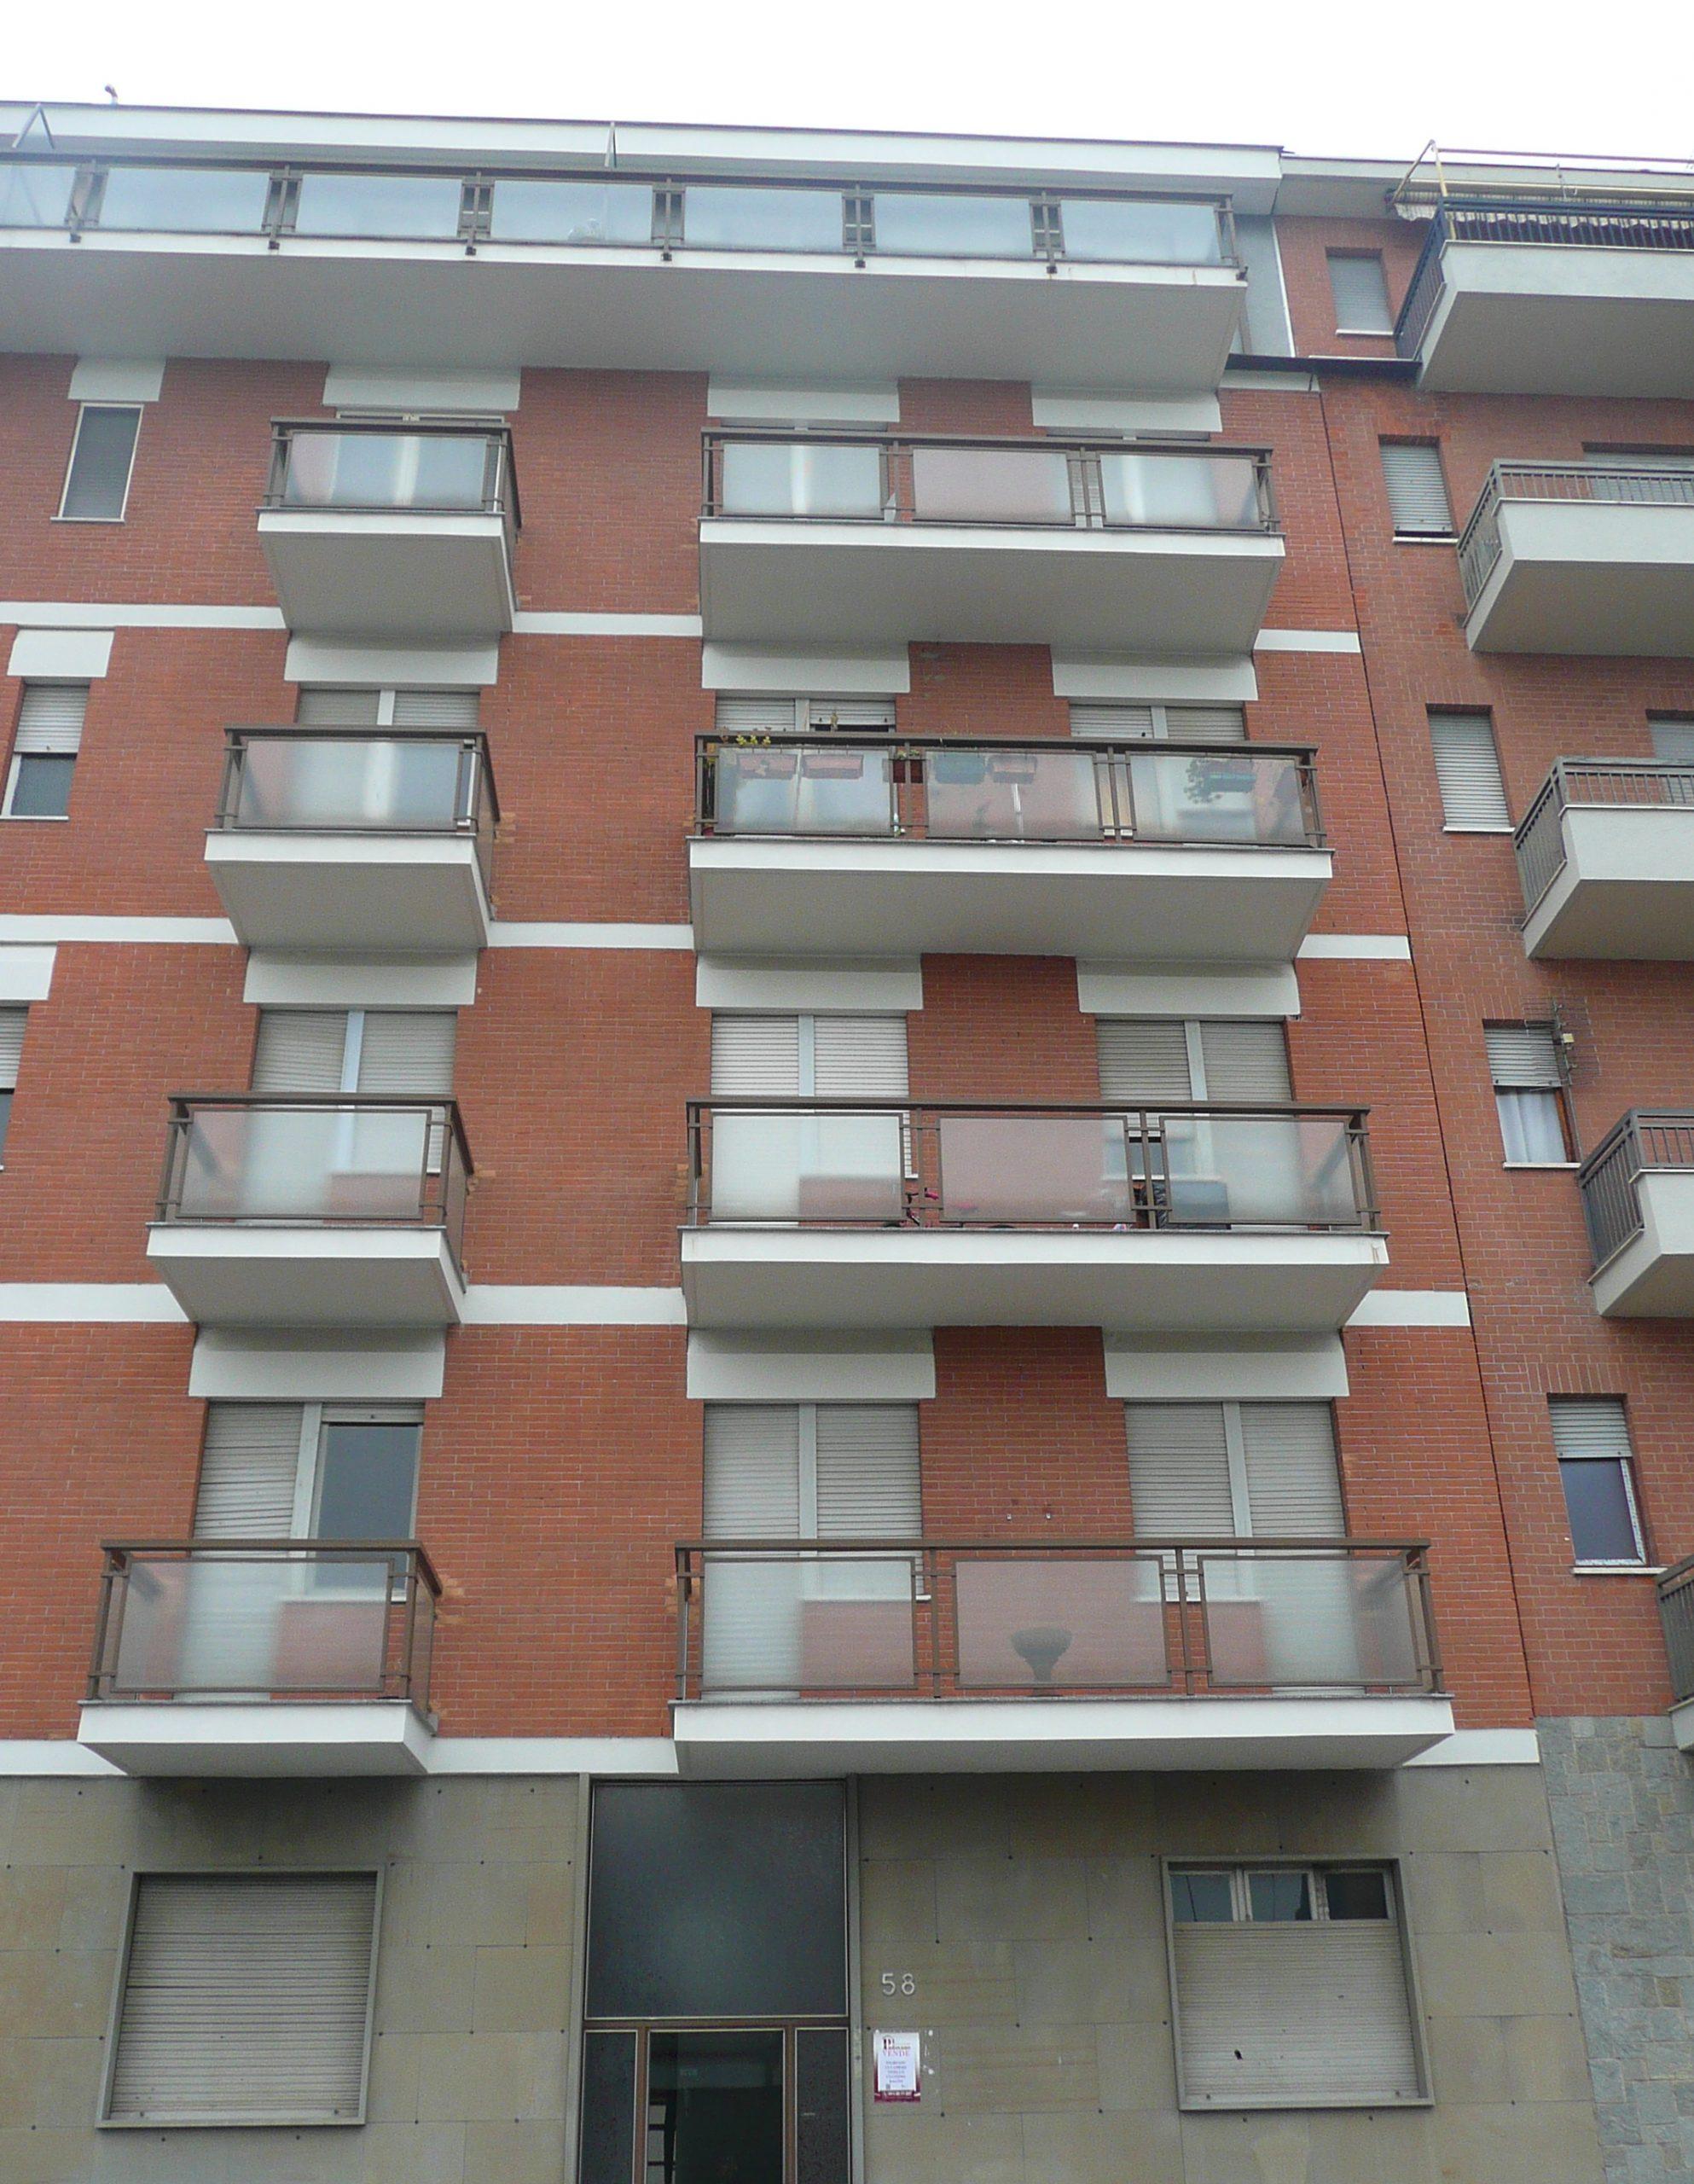 Torino, Via Bard 58.